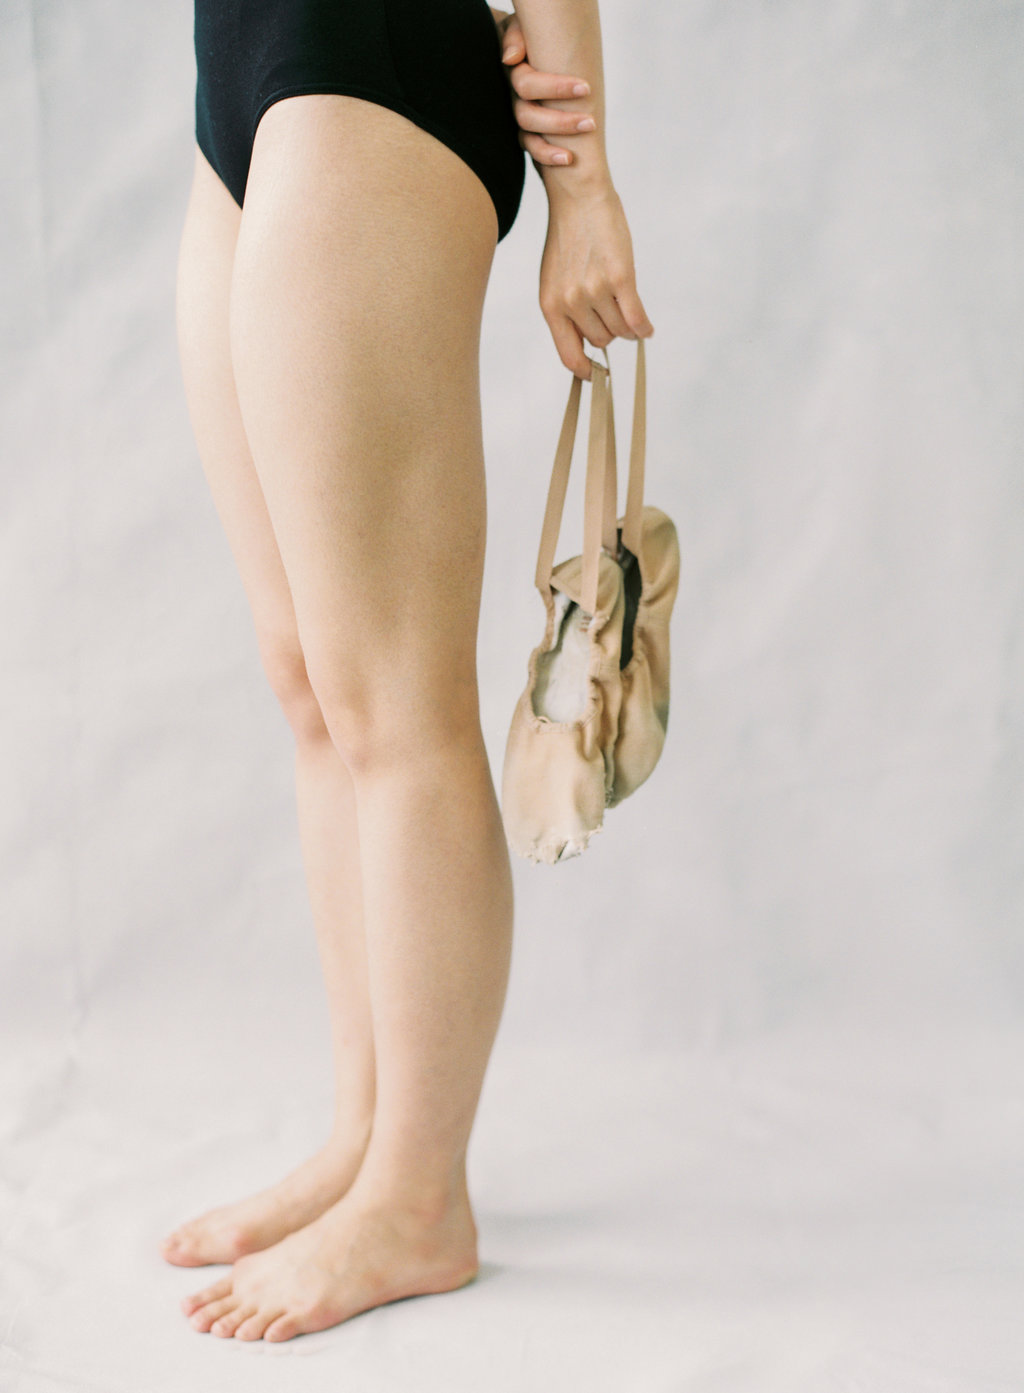 dancer_049.jpg